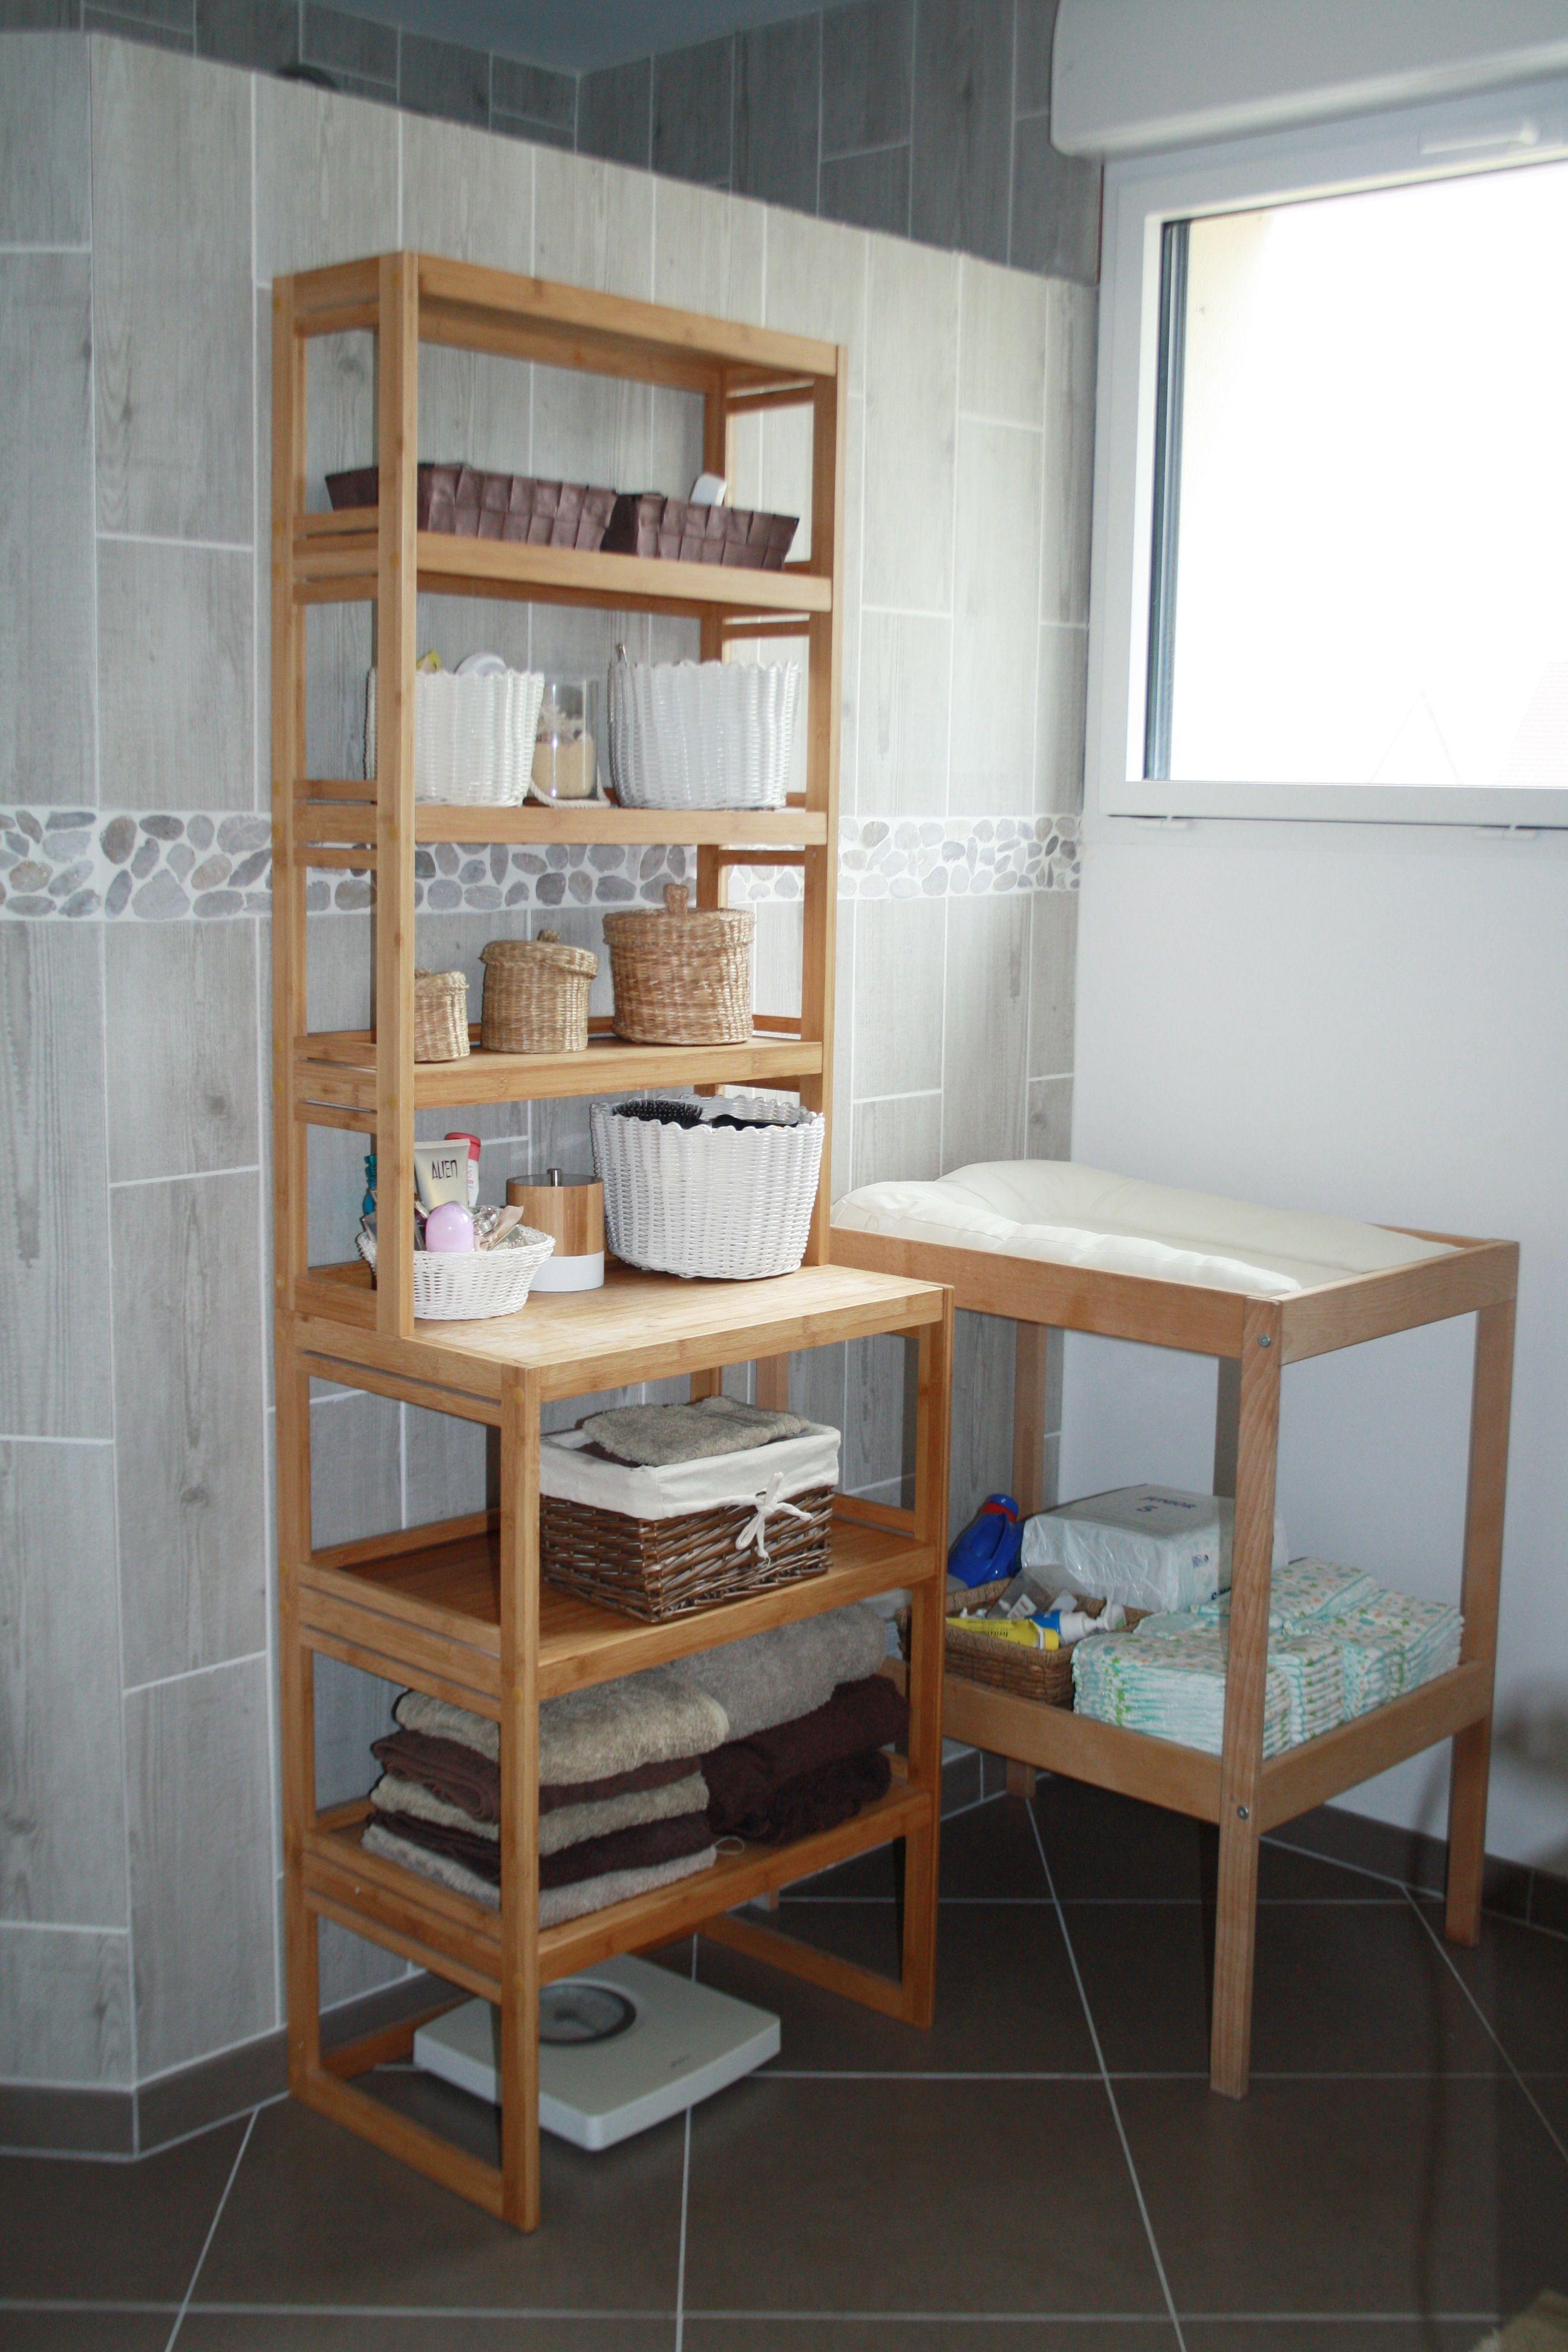 Meubles Bambou Alinea Paniere Castorama Boites Et Table A Langer Ikea Muebles Muebles De Bano Decoracion Banos